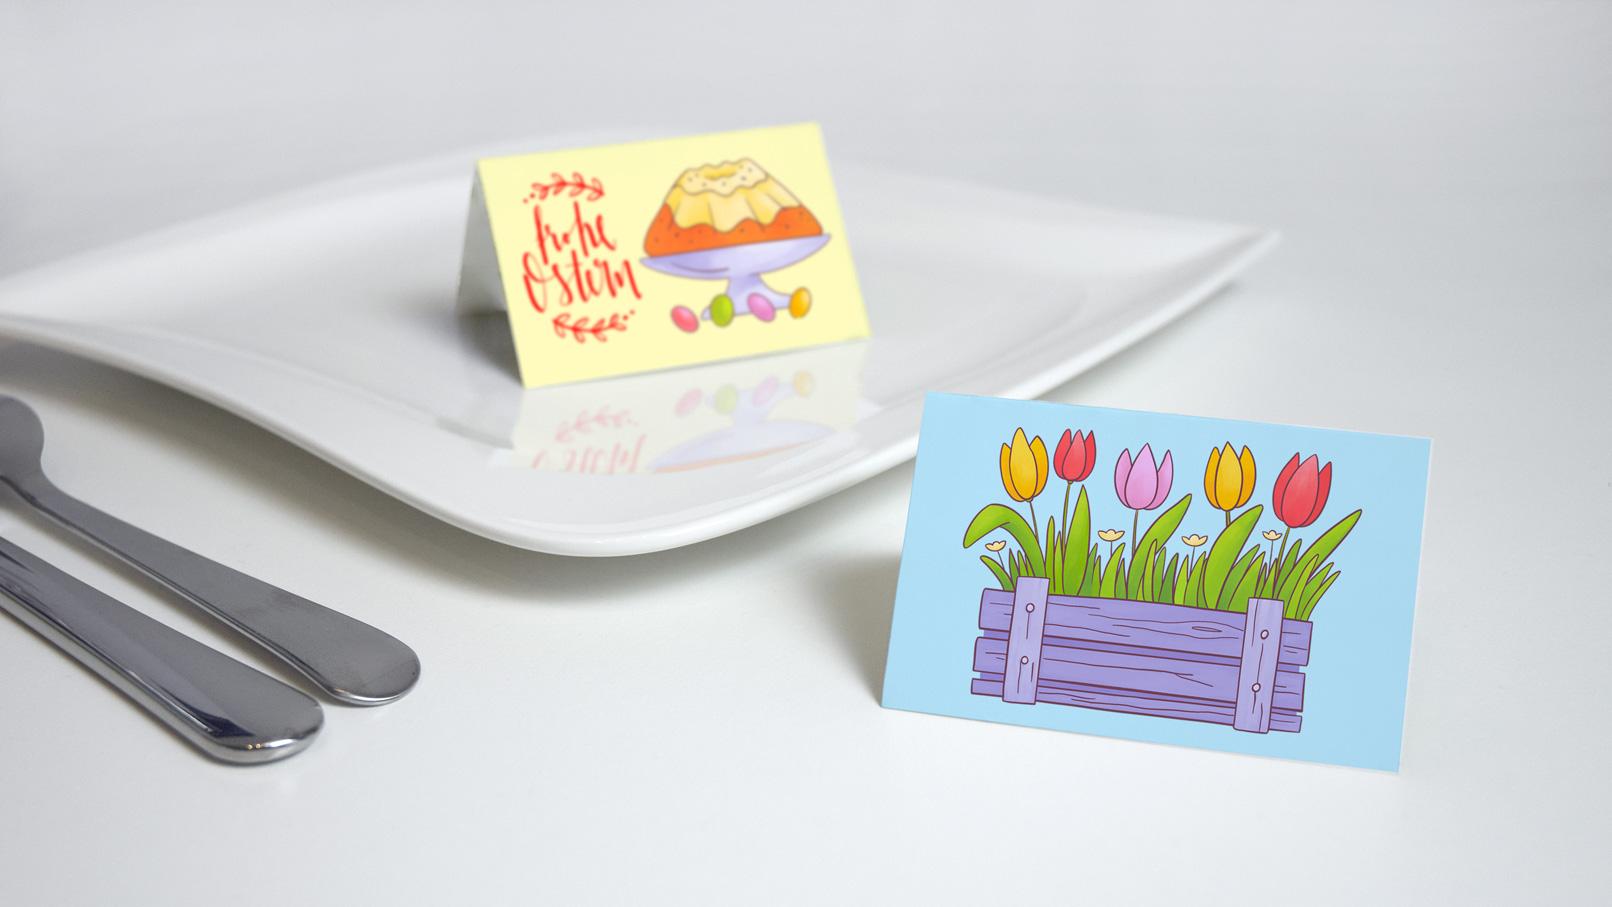 Tischkarten, auf denen Illustrationen für Ostern verwendet werden